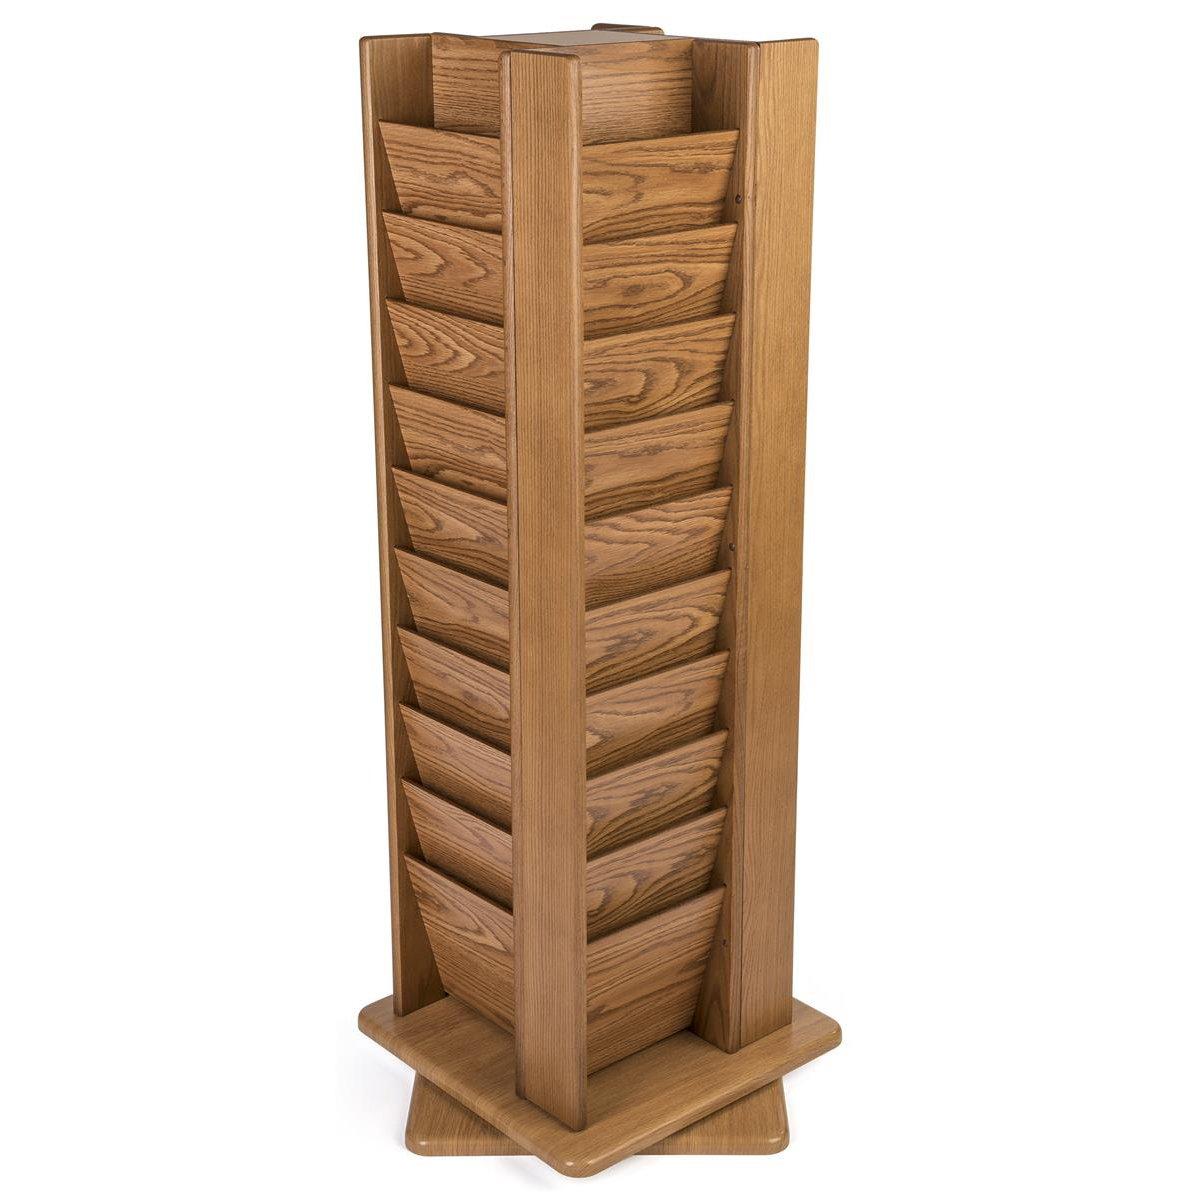 Wooden Mallet MR40-SPMO Cascade Spinning Floor Display with 40 Magazine Pockets, Medium Oak